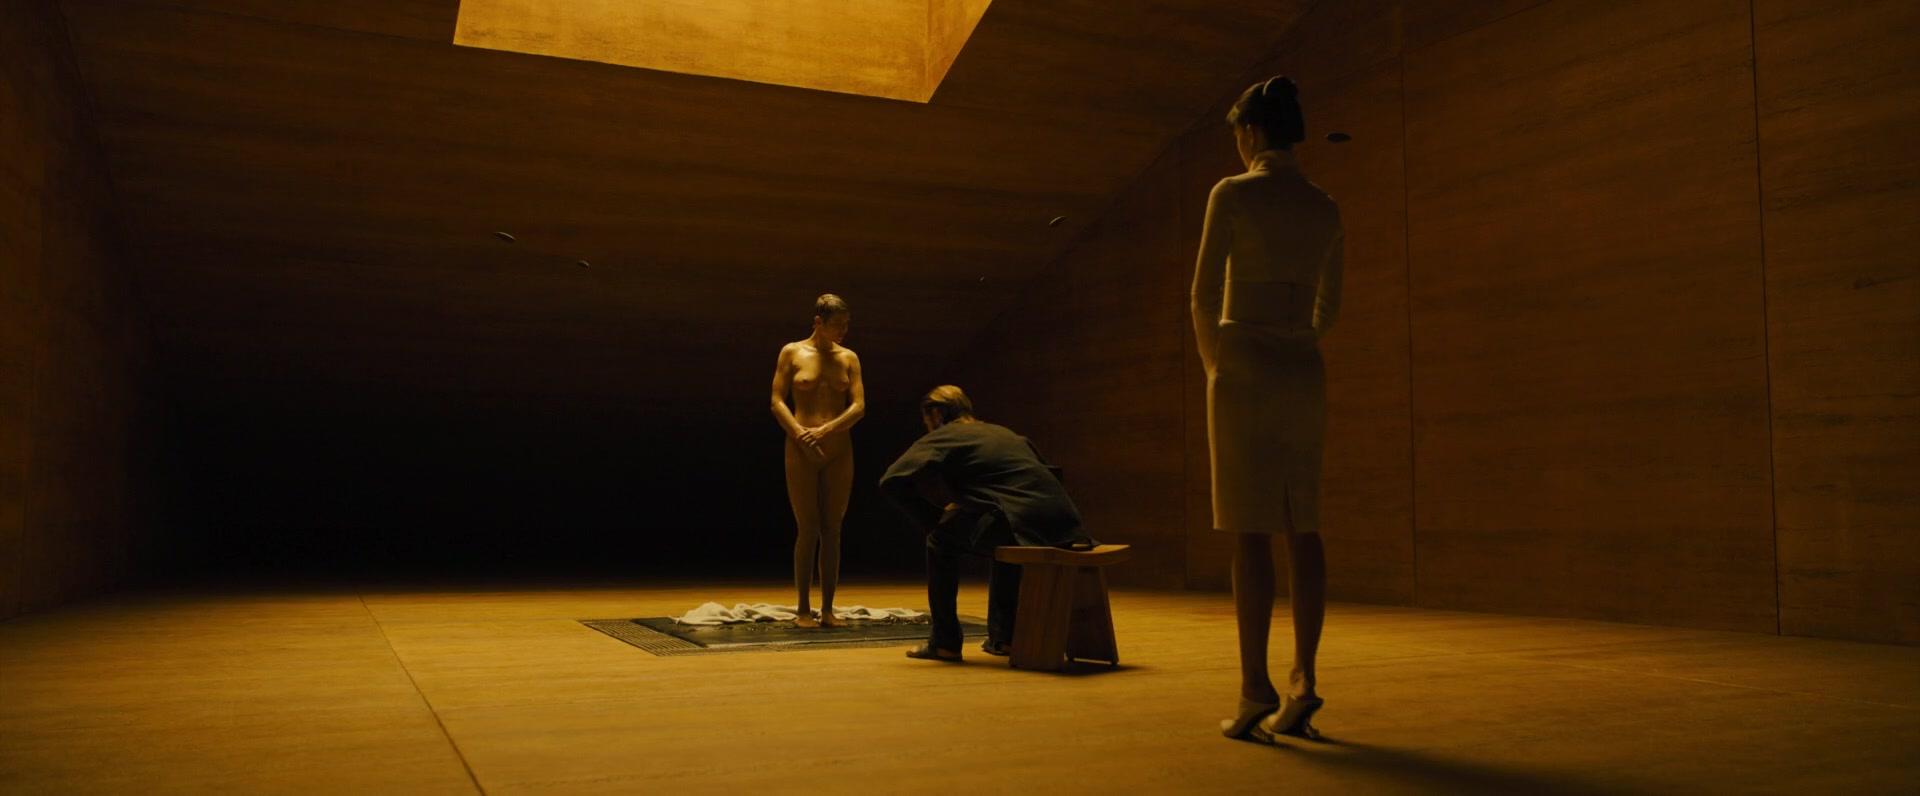 Ana-de-Armas-Sallie-Harmsen-Mackenzie-Davis-etc-Nude-26-thefappeningblog.com_.jpg